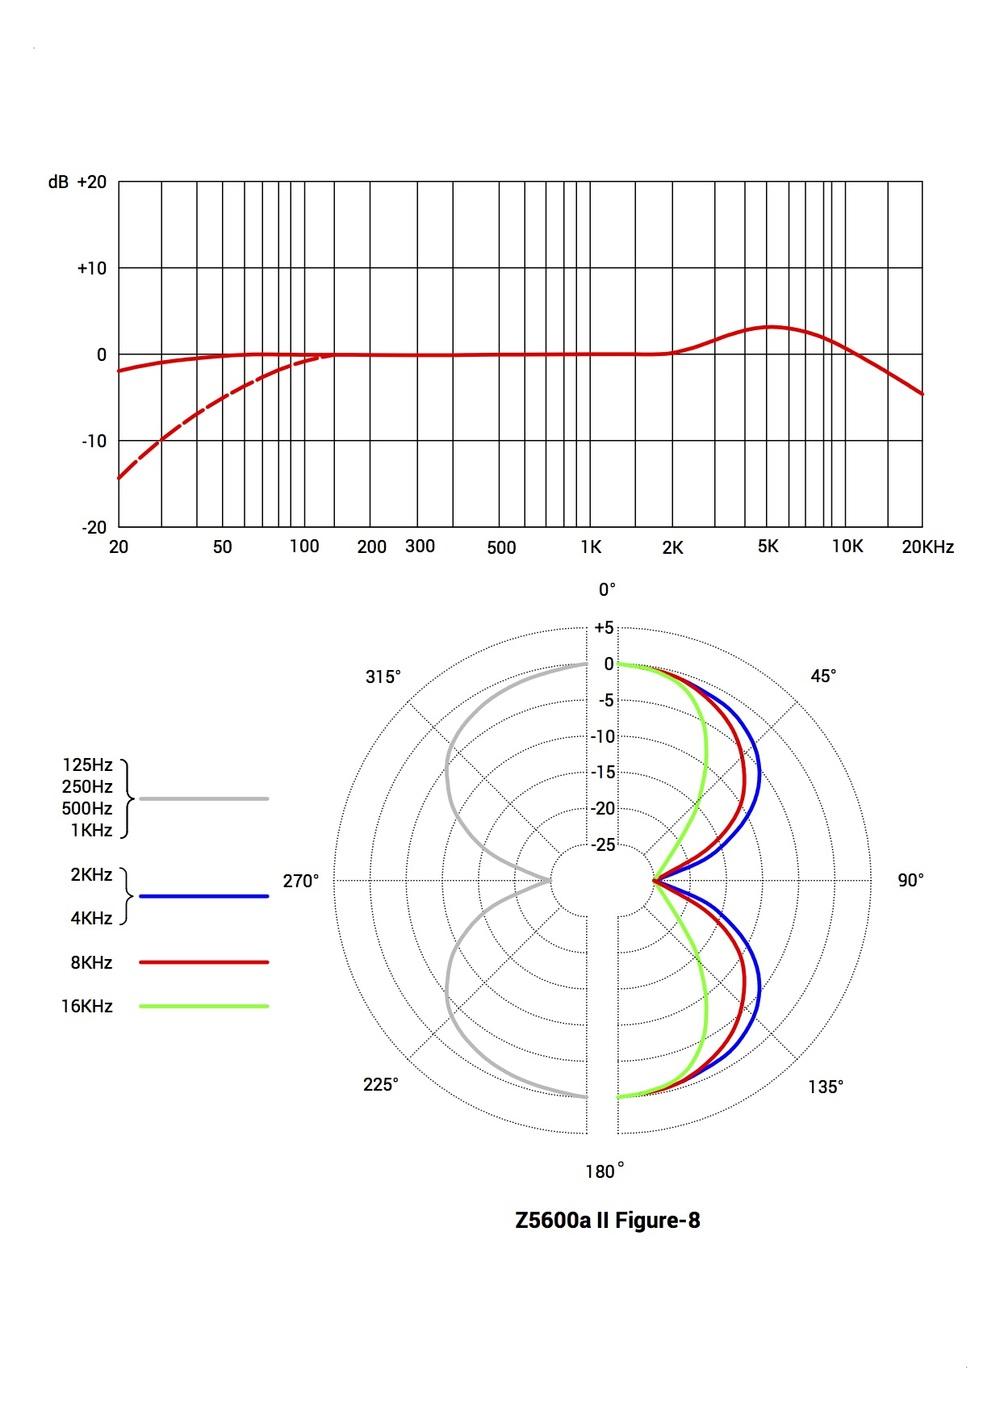 Z5600a II Figure-8.jpg